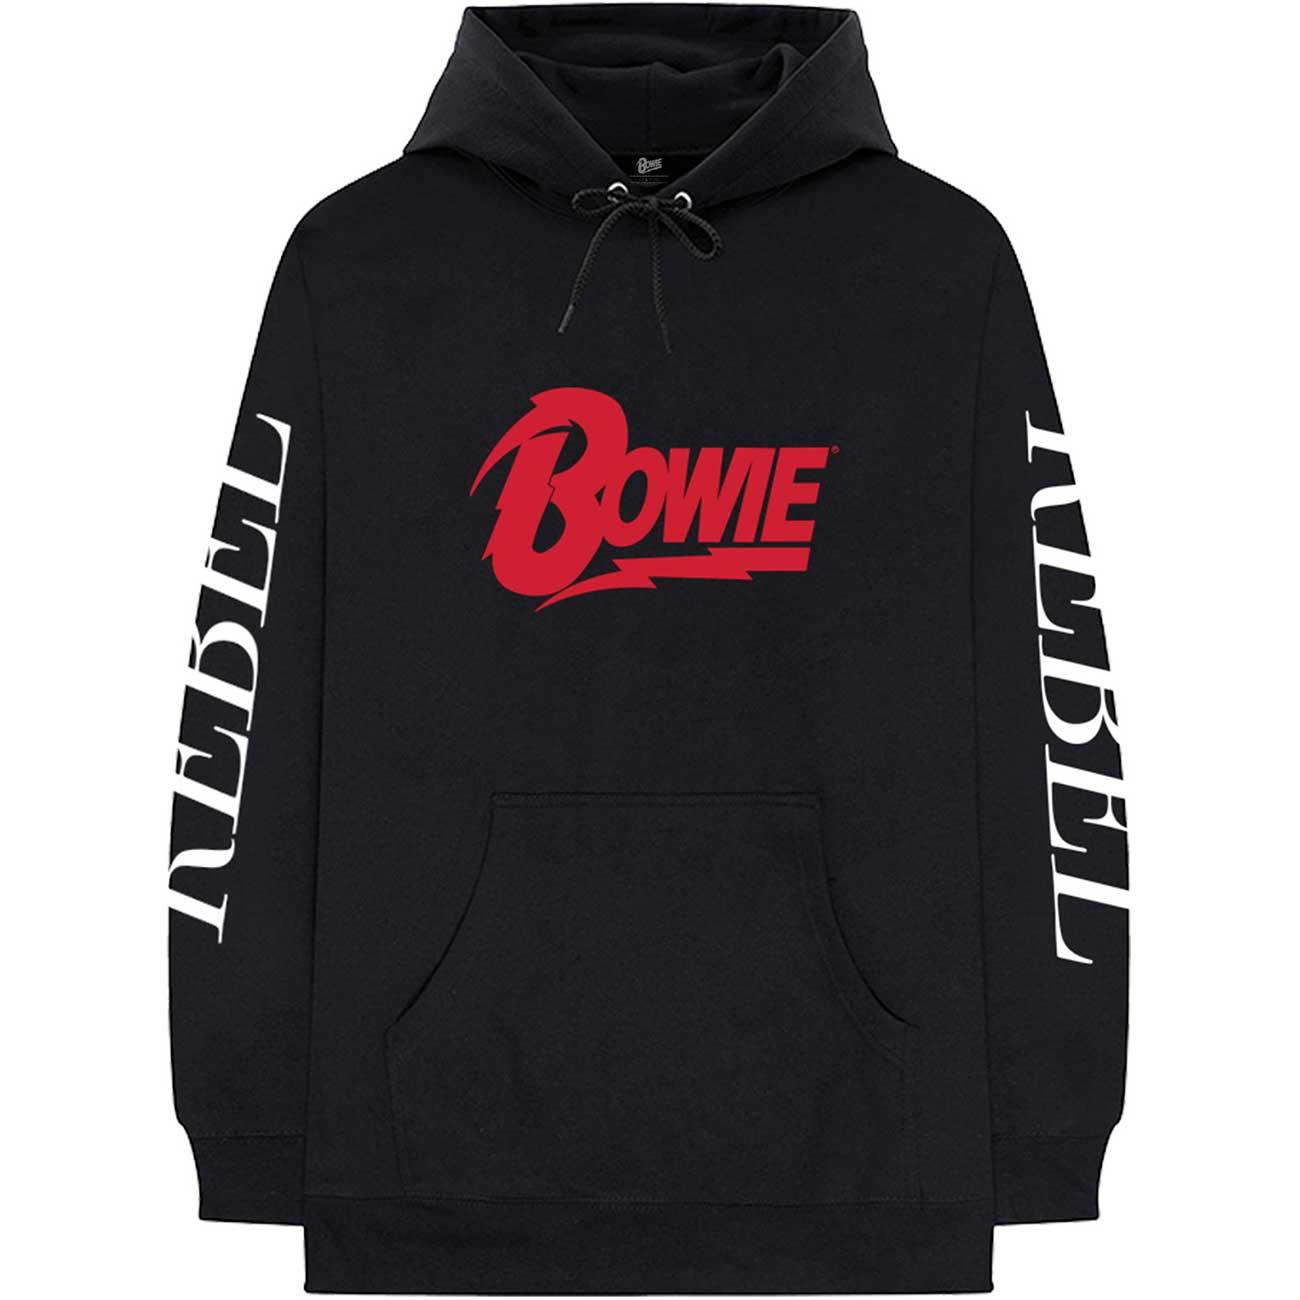 Rebel Rebel David Bowie Unisex Pullover Hoodie